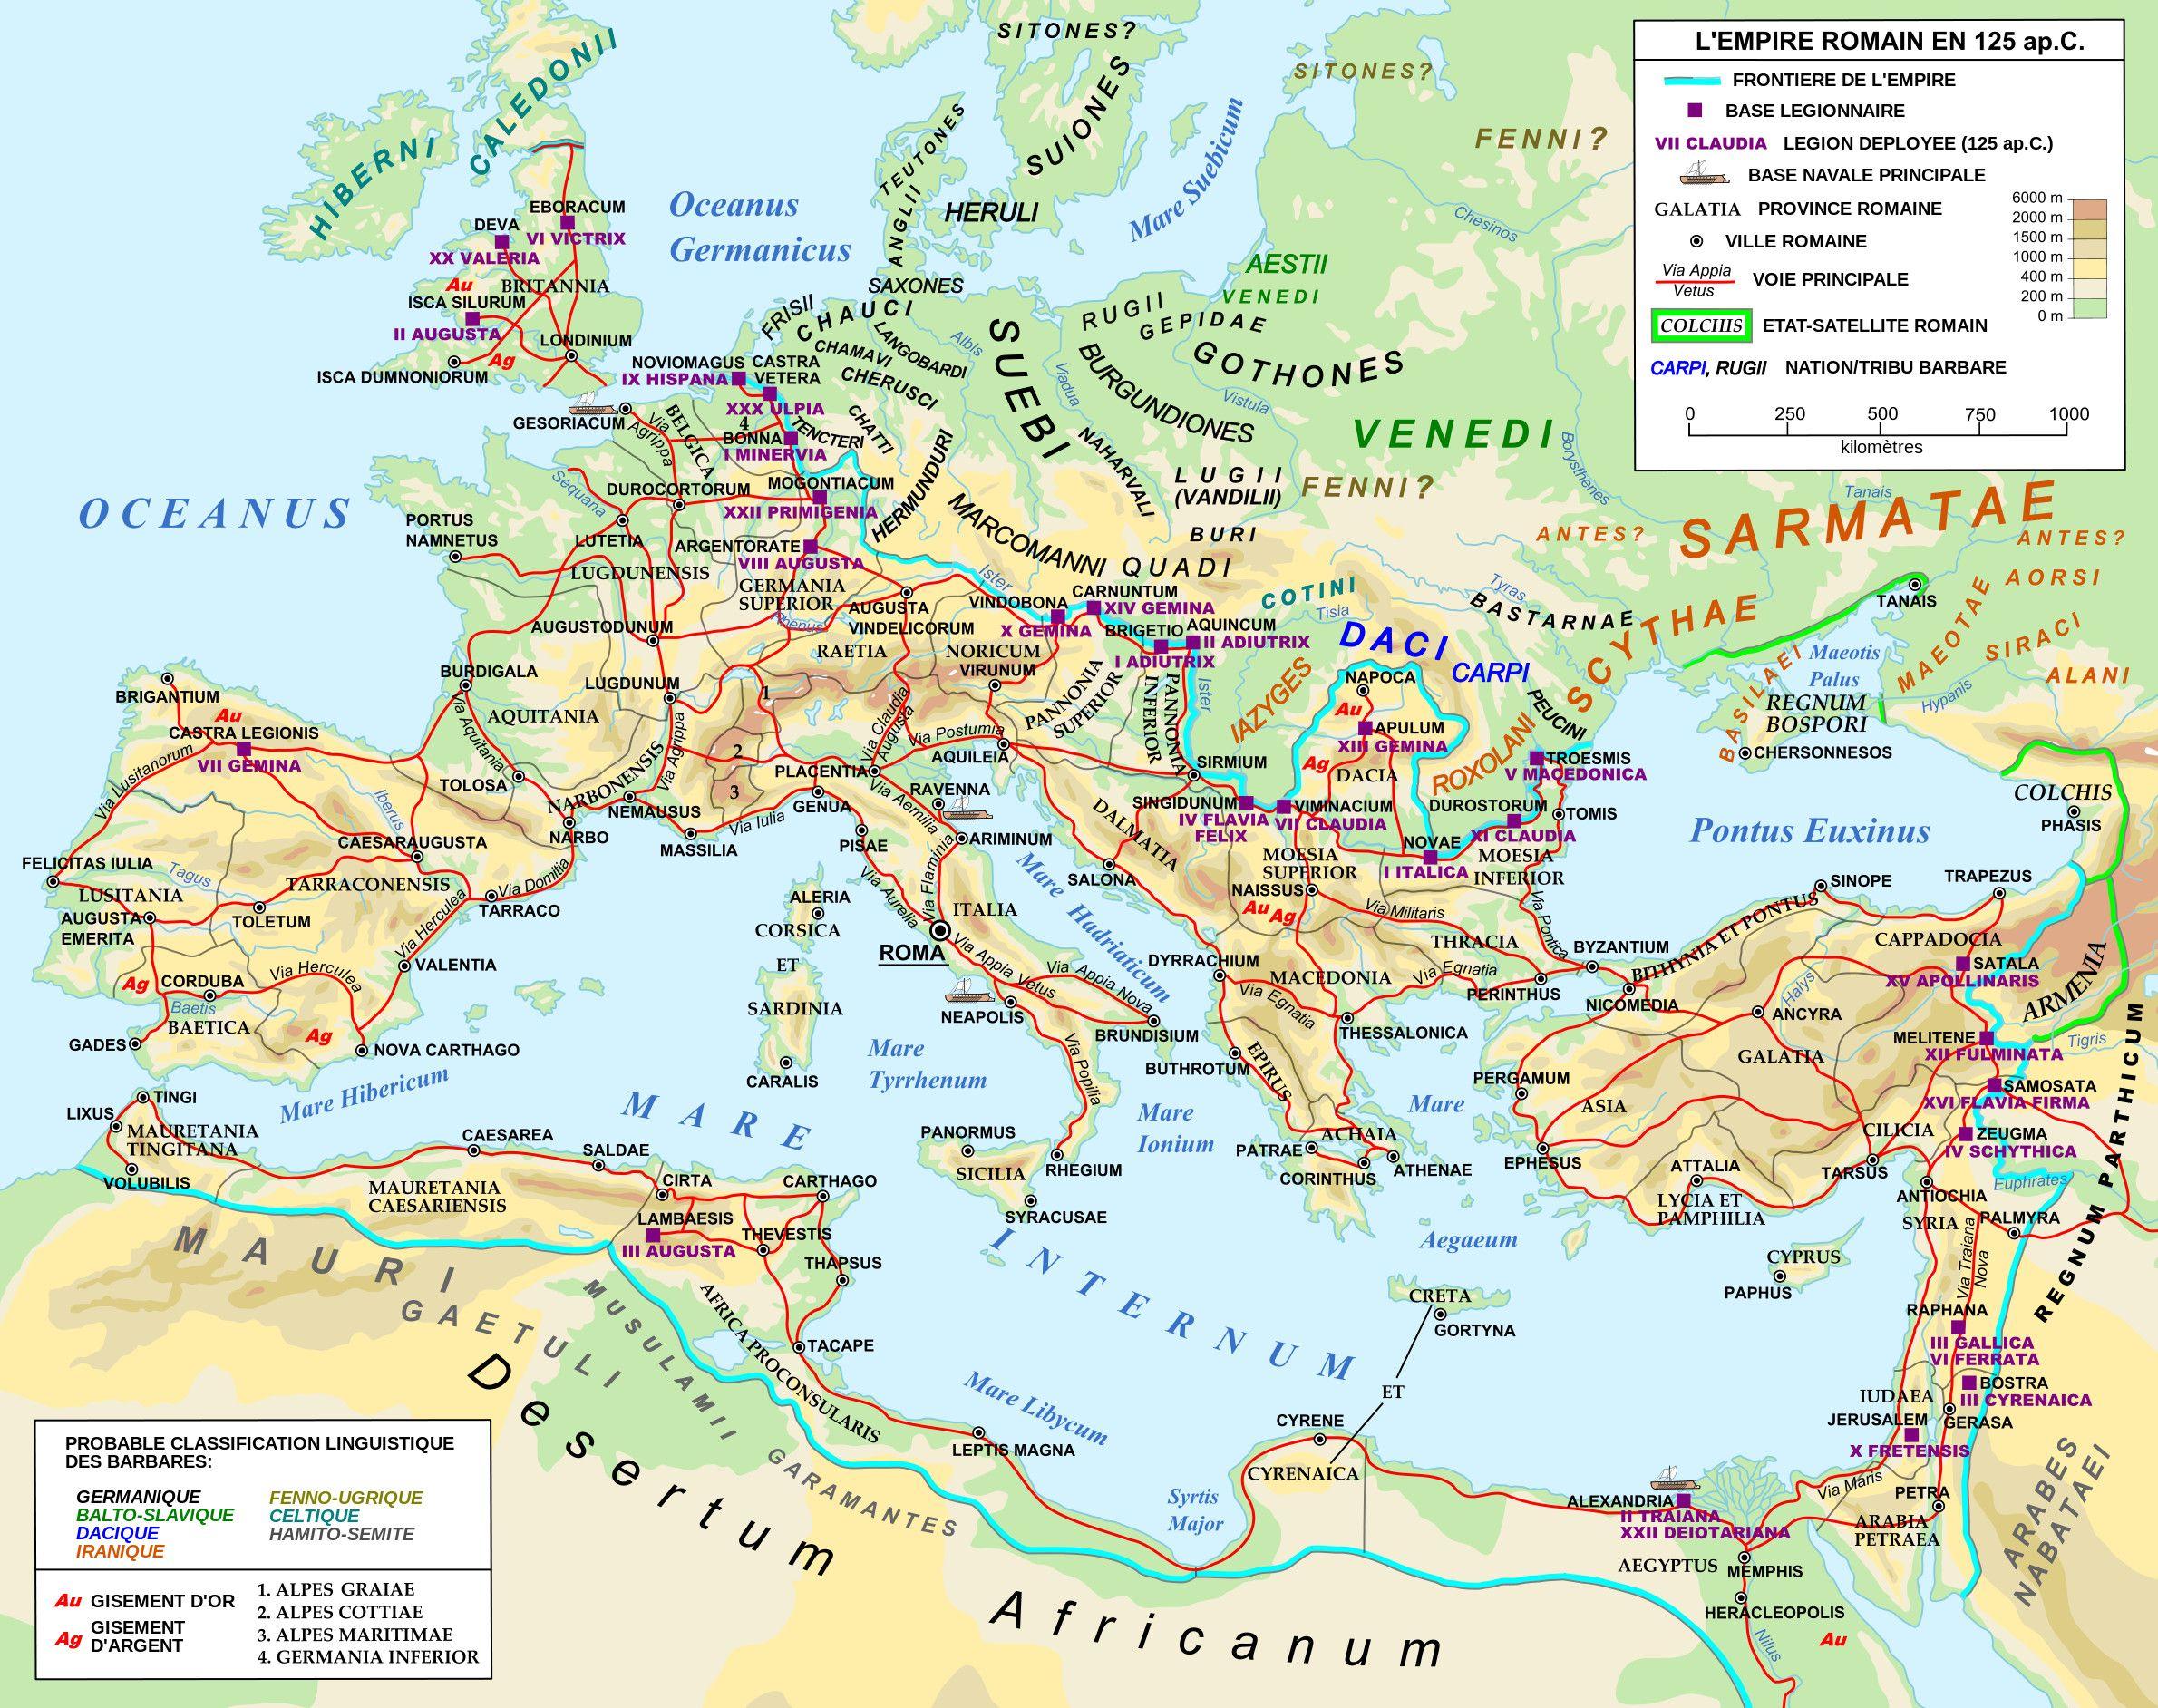 Carte De L Empire Romain A Son Apogee Cliquer Sur L Image Pour La Voir En Grand Format Empire Romain Histoire Romaine Routes Romaines